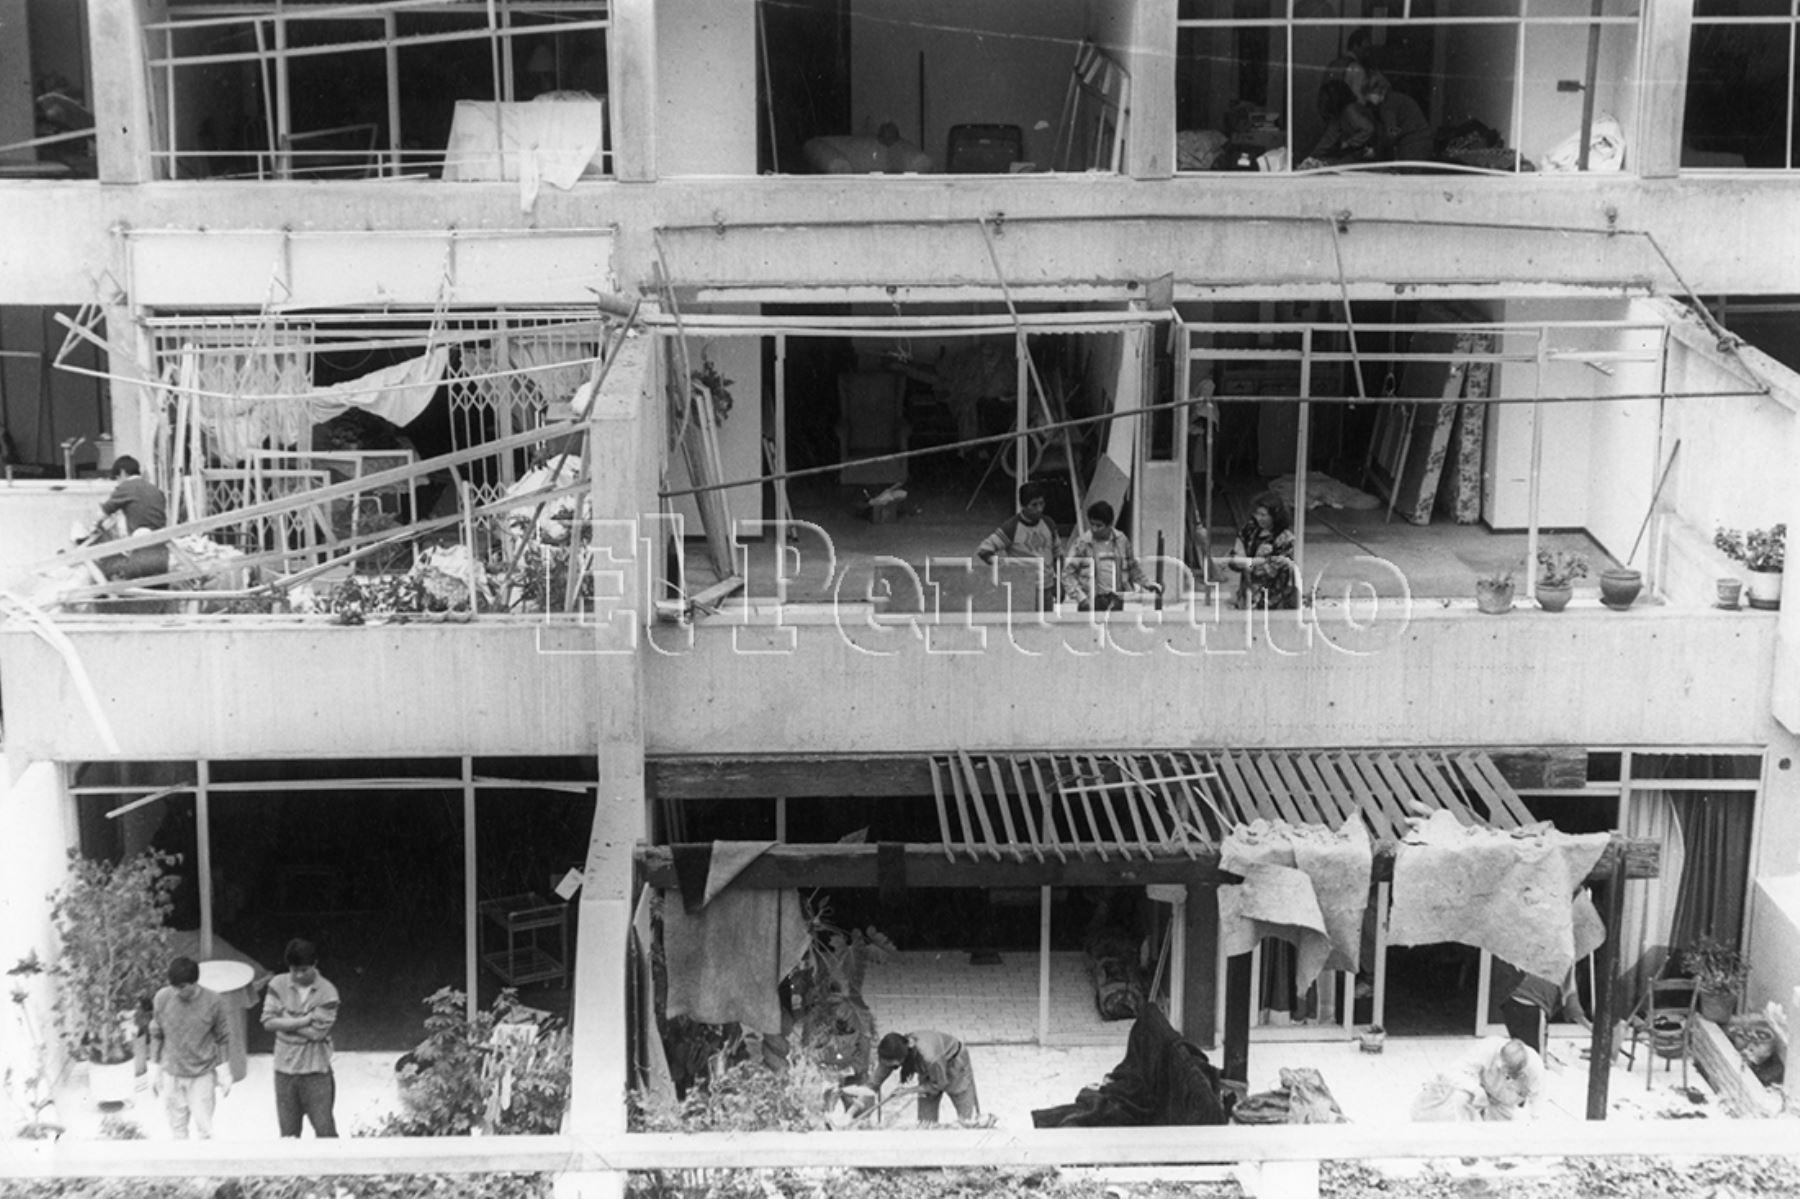 Vecinos afectados el 17 de julio de 1992 por el atentado terrorista en la calle Tarata del distrito de Miraflores. Foto: Archivo Histórico de EL PERUANO